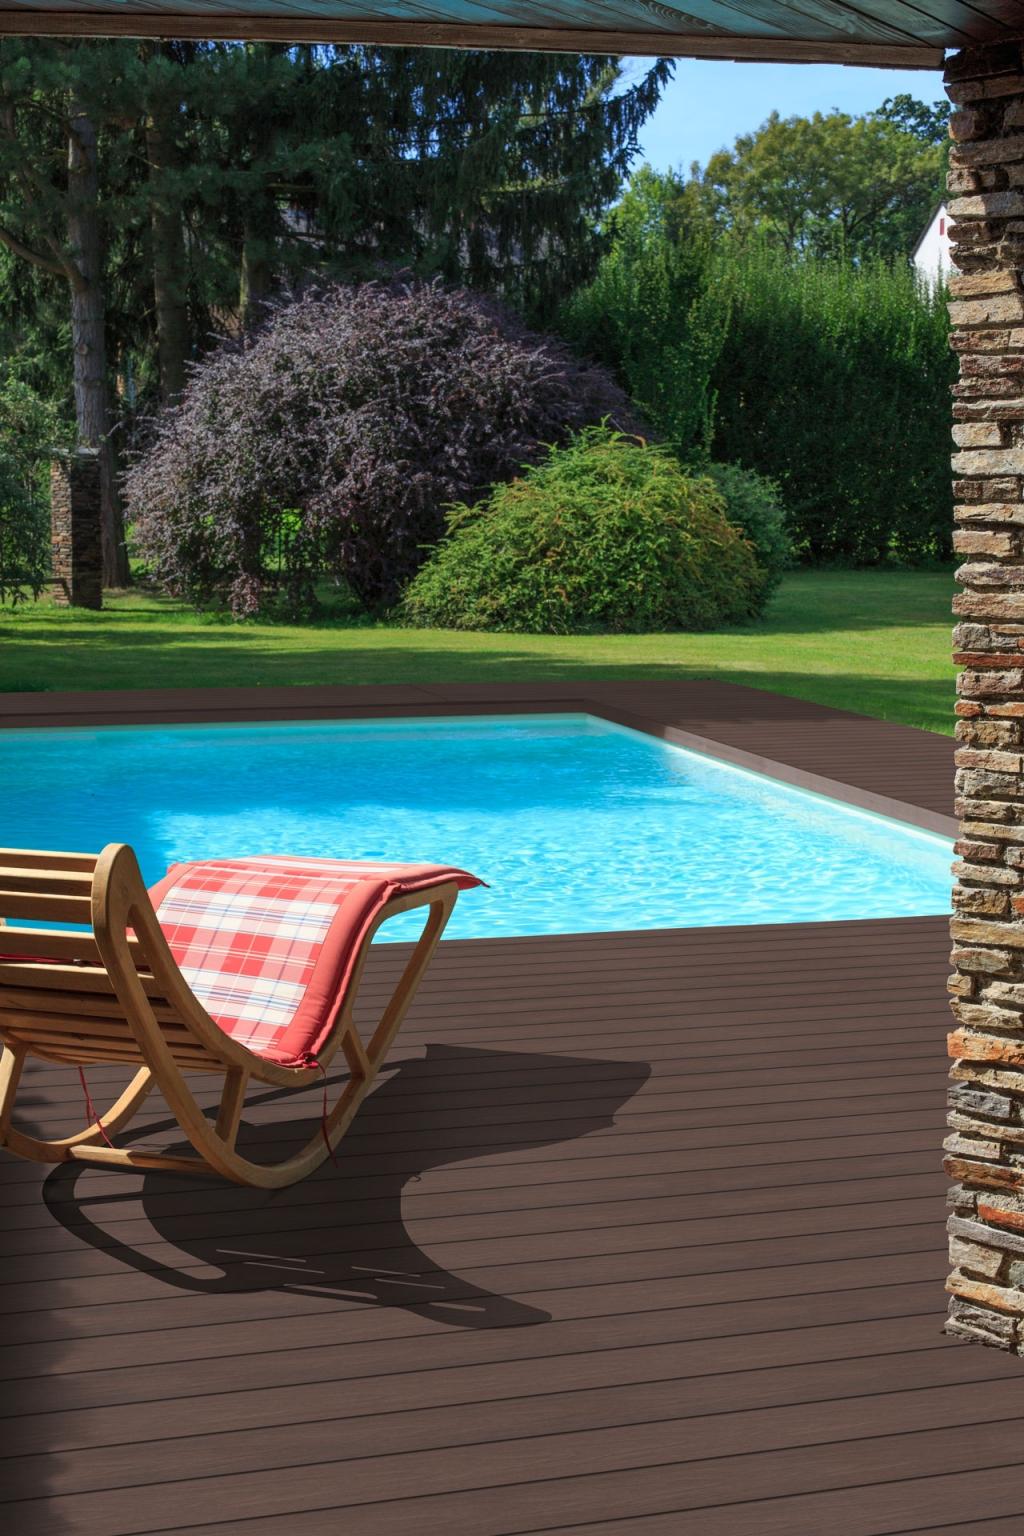 Fano Ultrashield IPE 03 | brauner Bodenbelag für die Terrassen im Außenbereich bei Pool | Svoboda